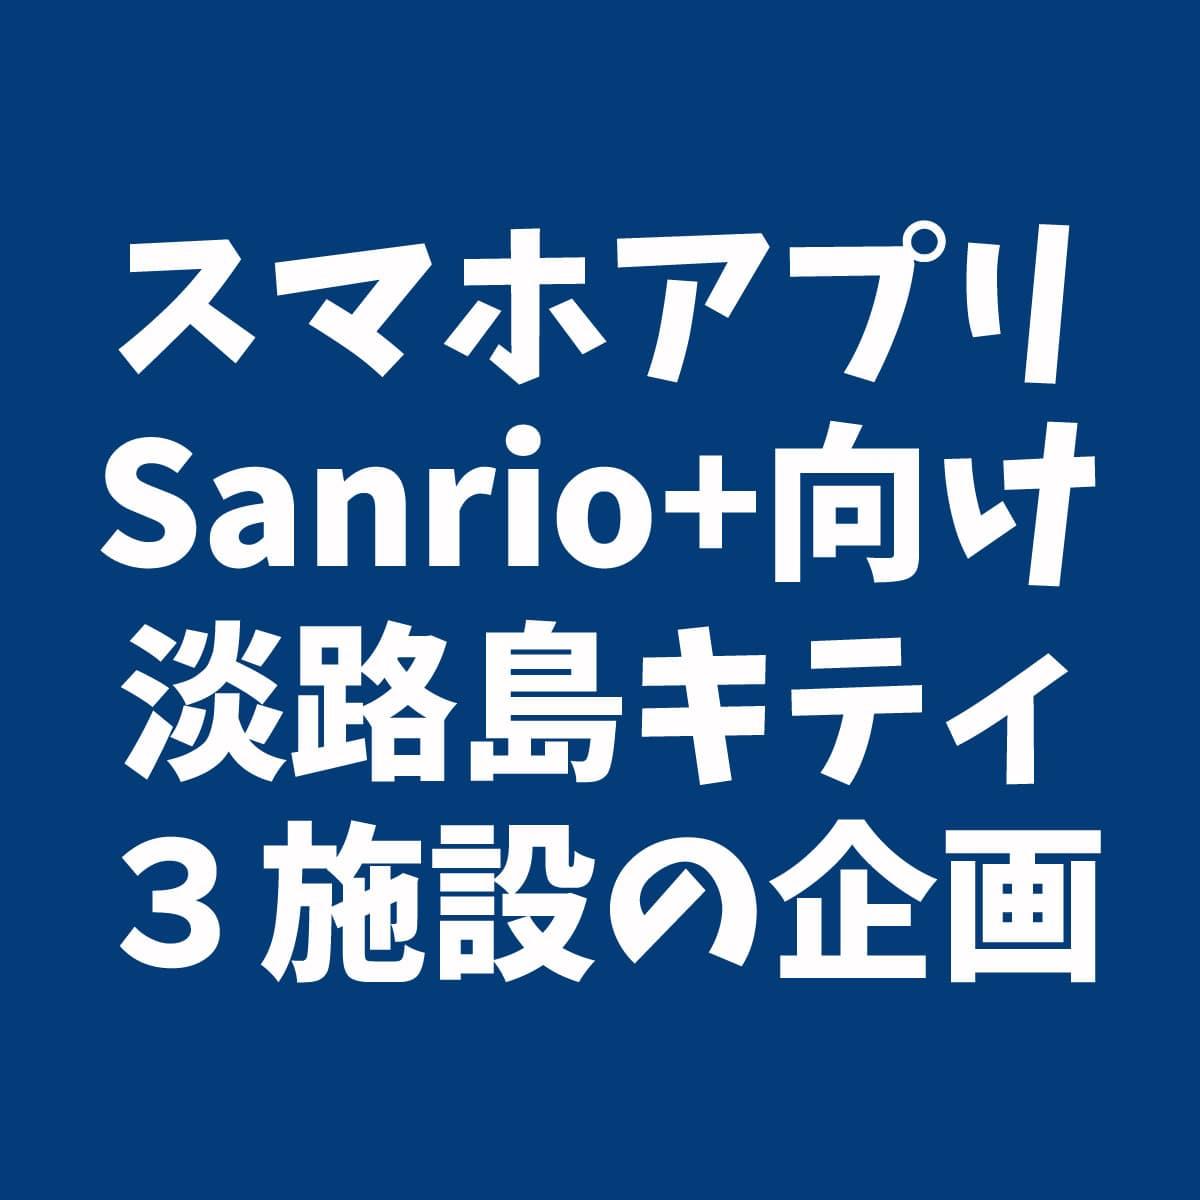 サンリオスマホ会員アプリ向けに淡路島のハローキティ施設の企画を提供